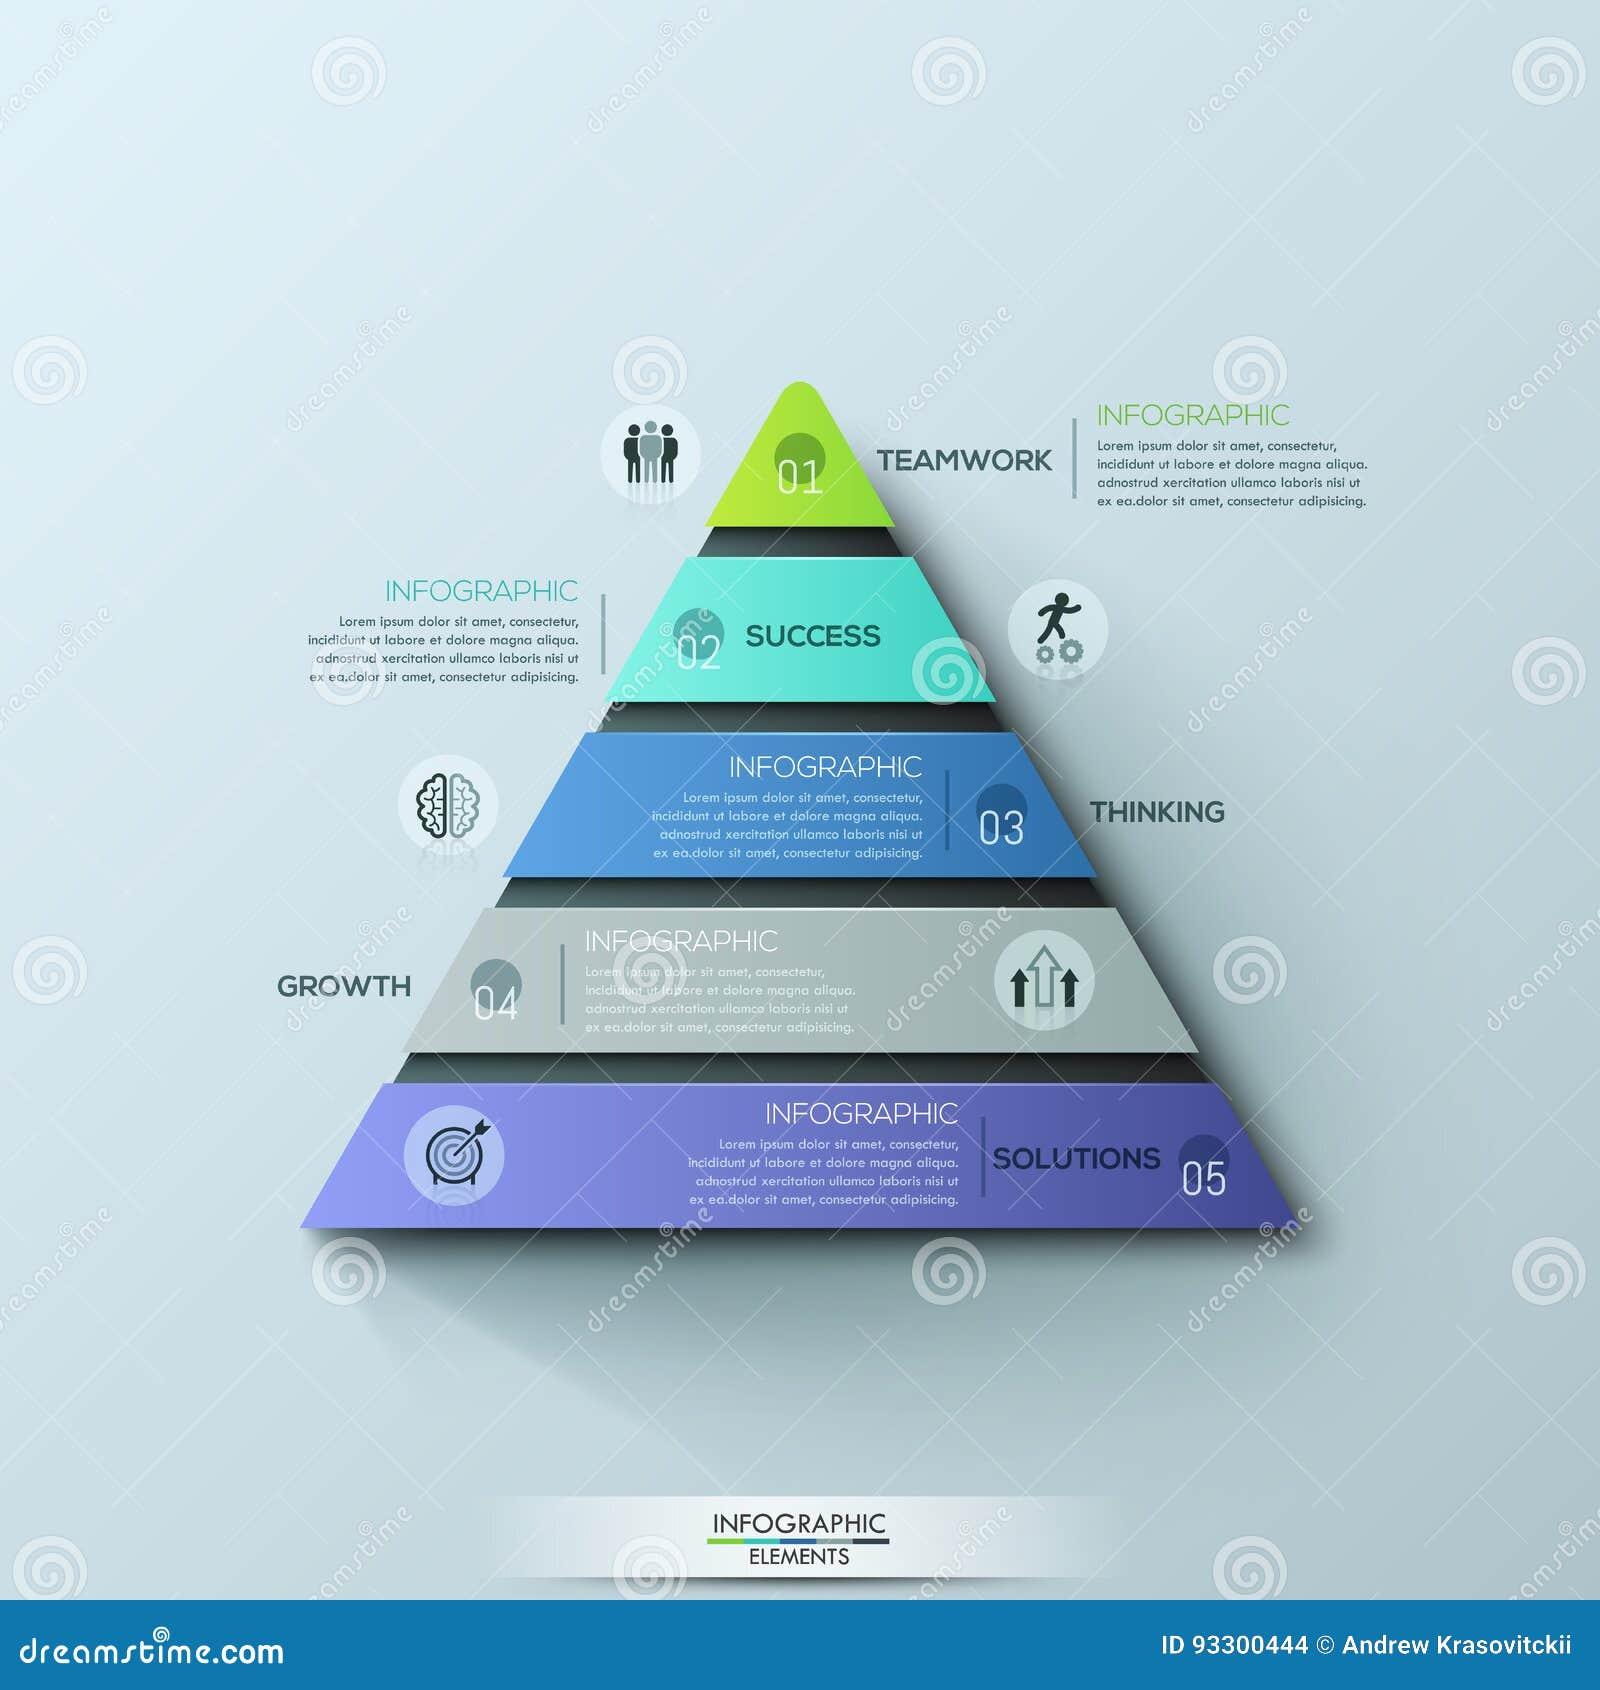 Le calibre infographic moderne de conception, diagramme triangulaire avec 5 a numéroté des couches ou des niveaux